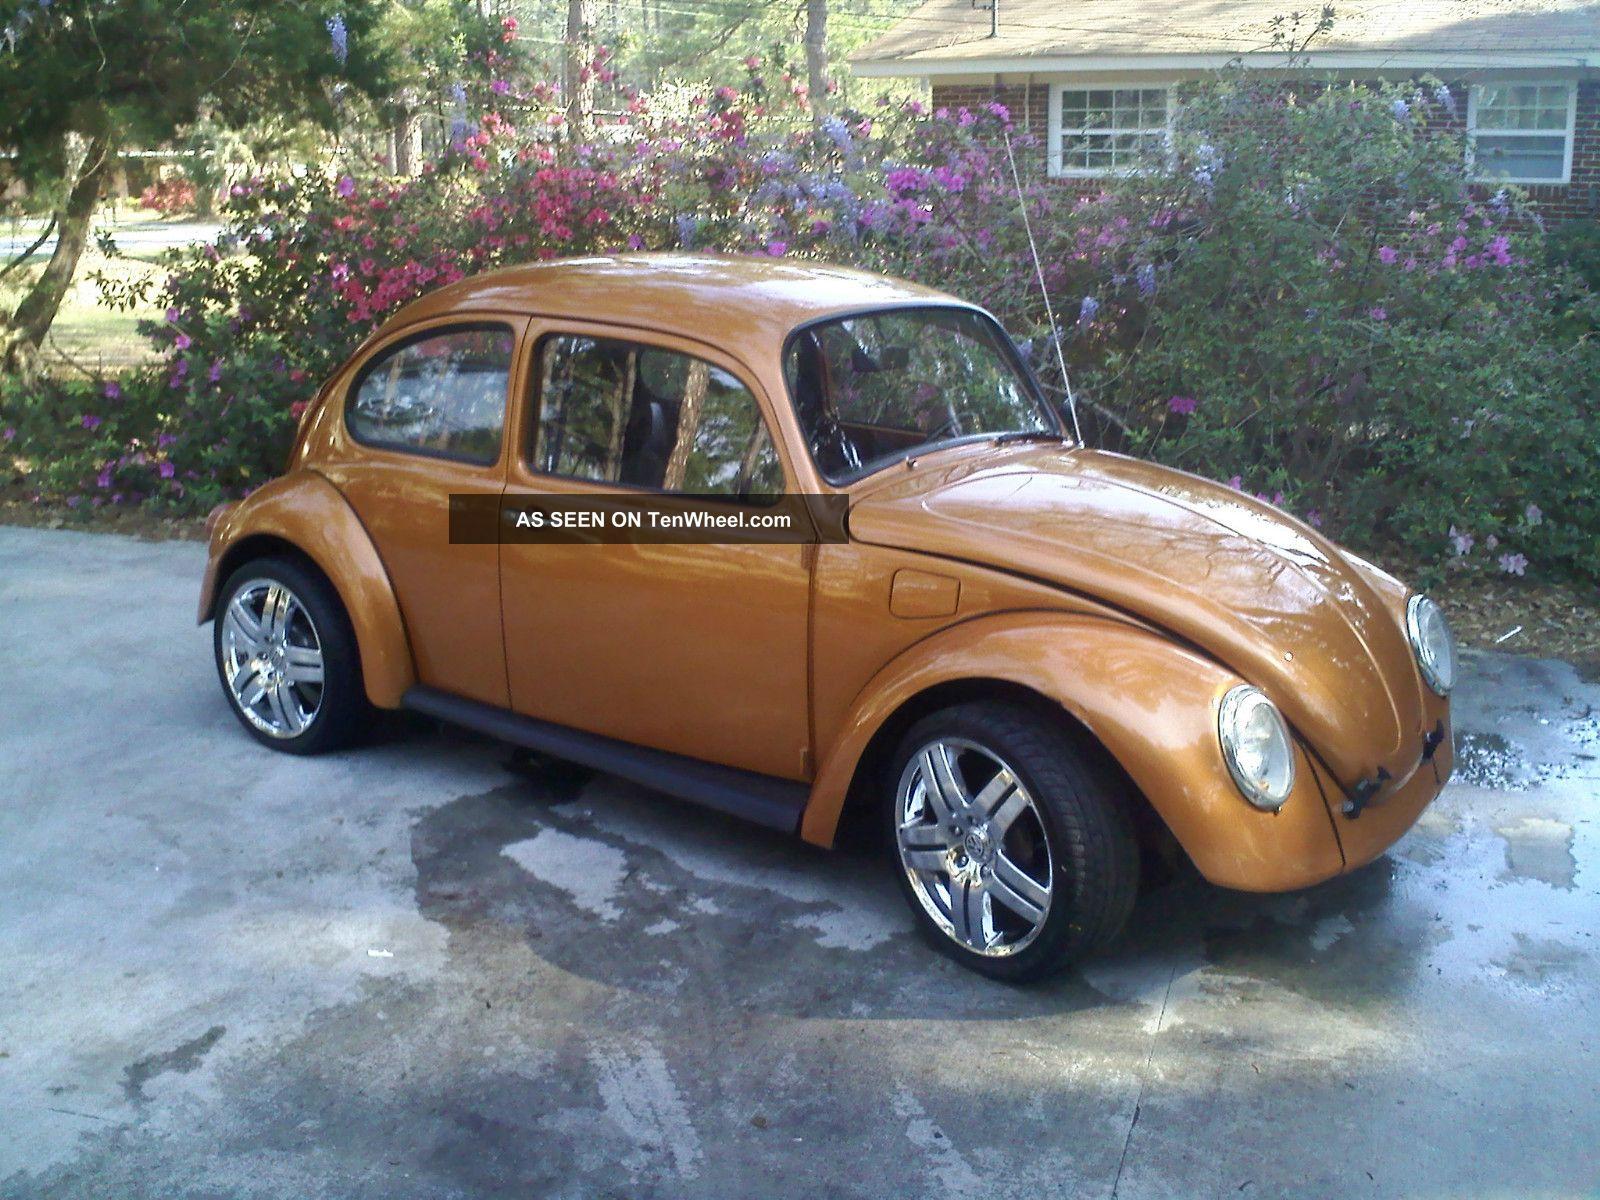 1969 Volkswagen Beetle Beetle - Classic photo